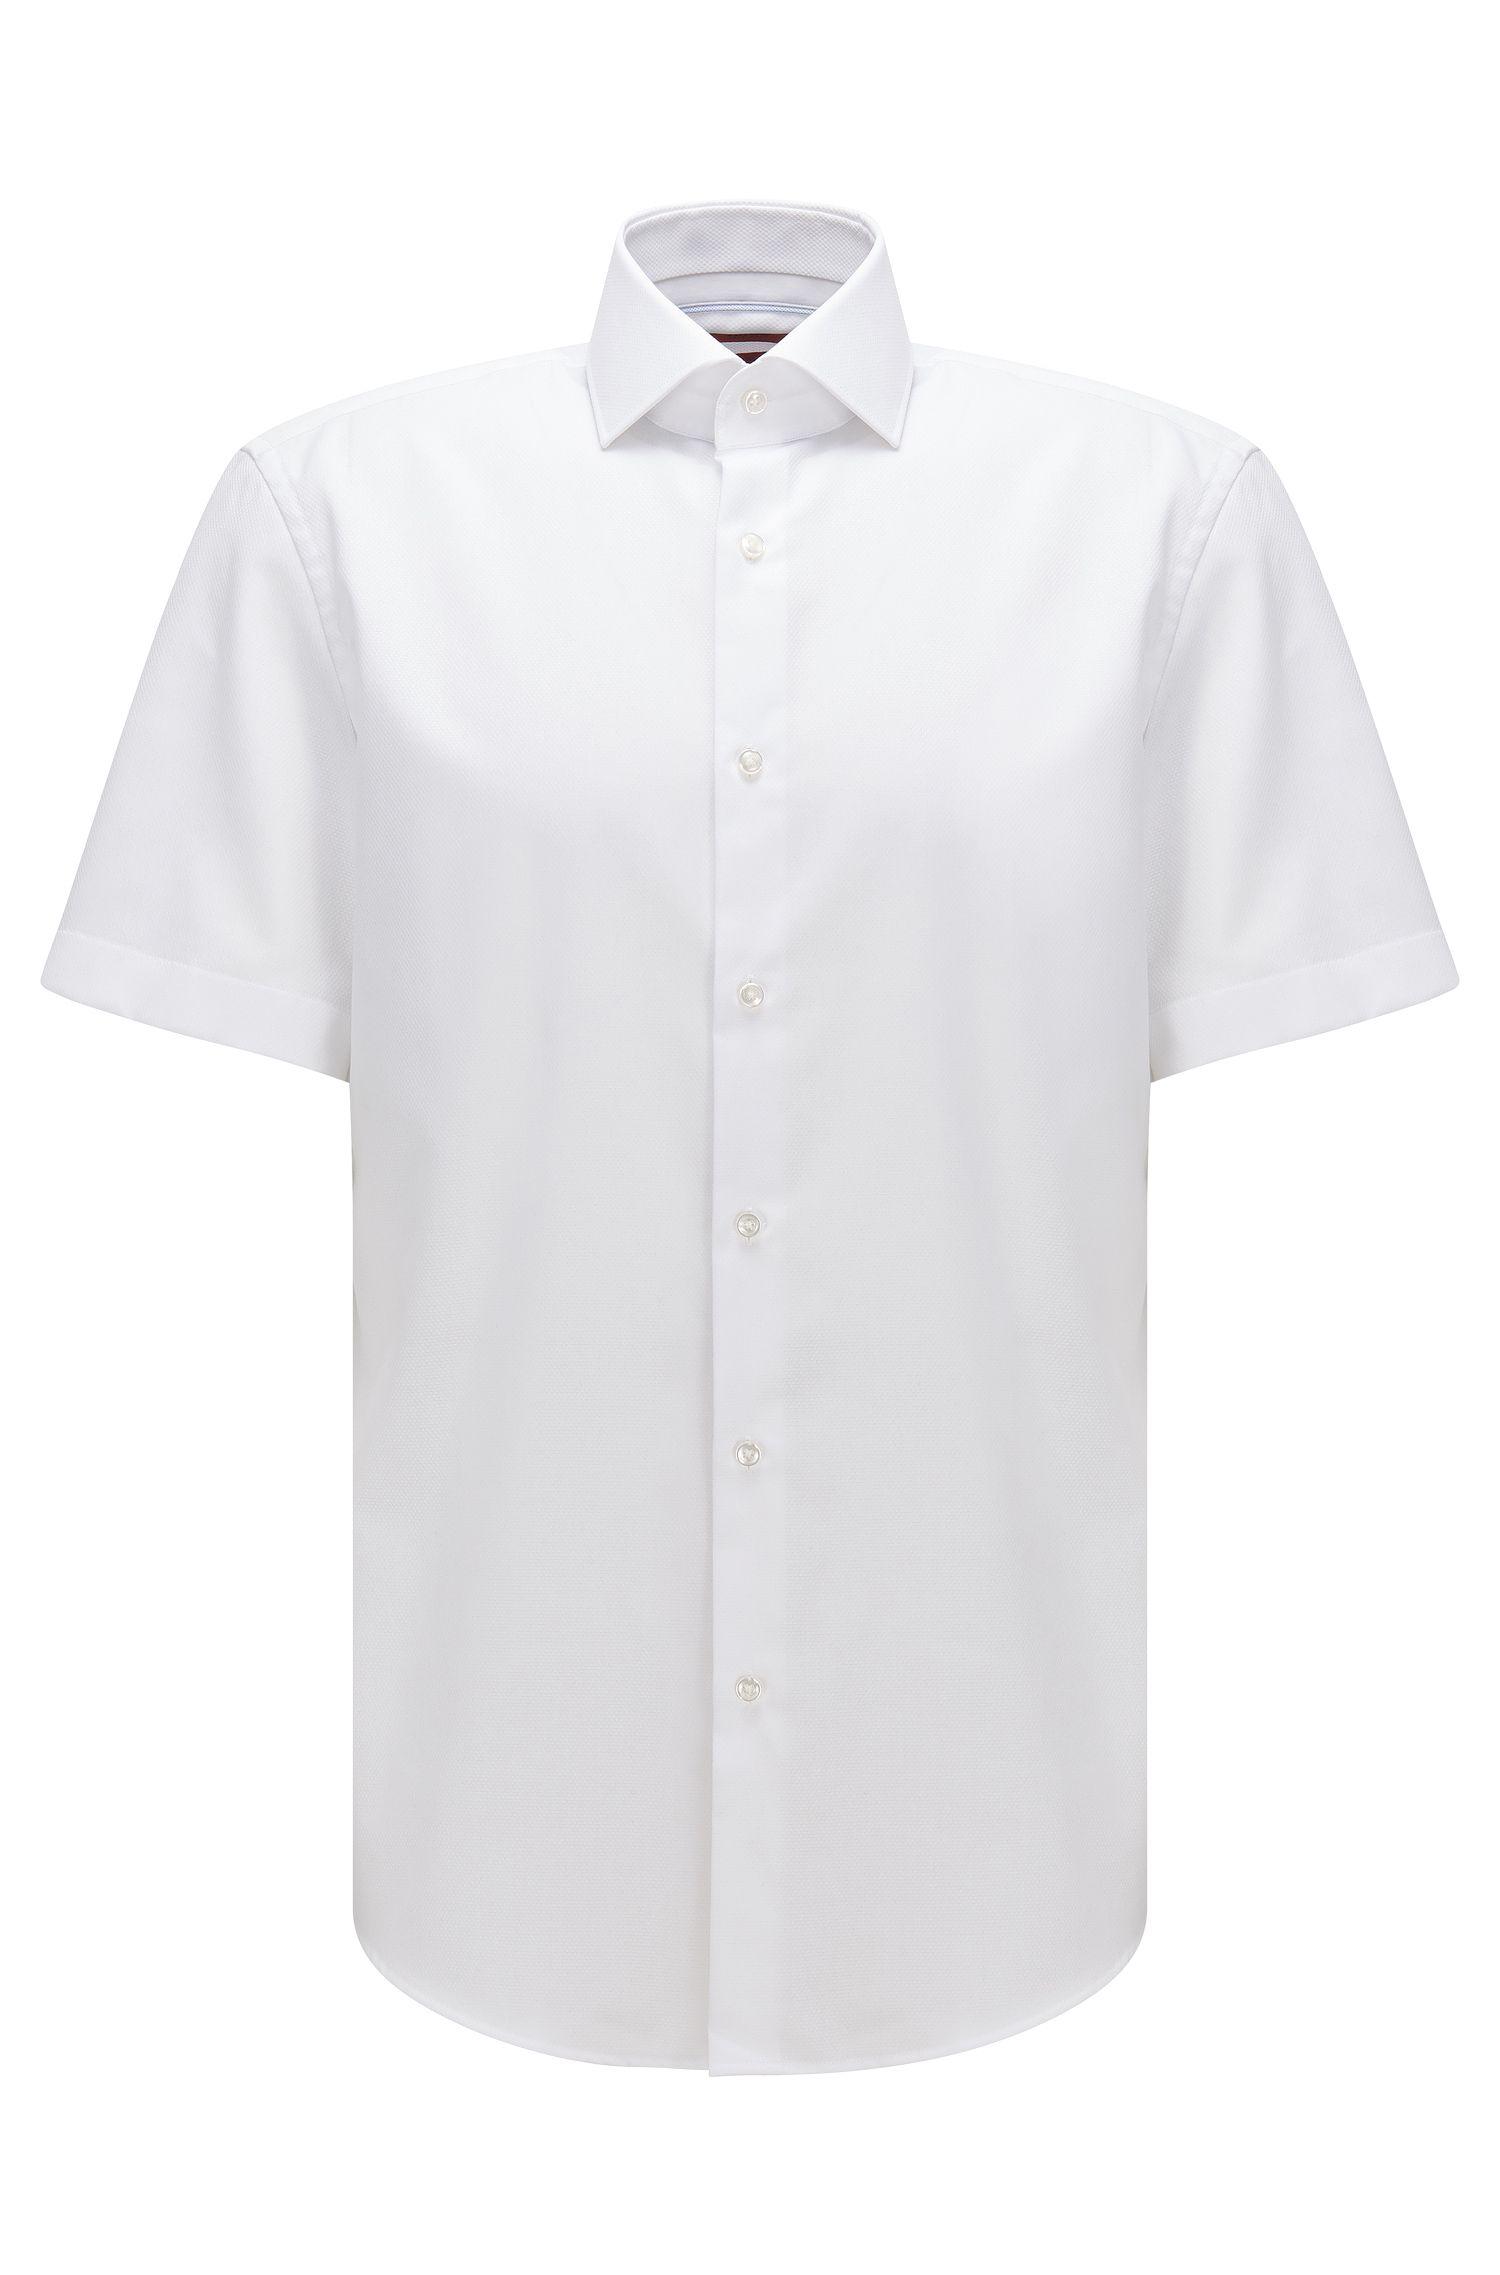 Camisa regular fit de manga corta en algodón con textura de cuadros sencillos